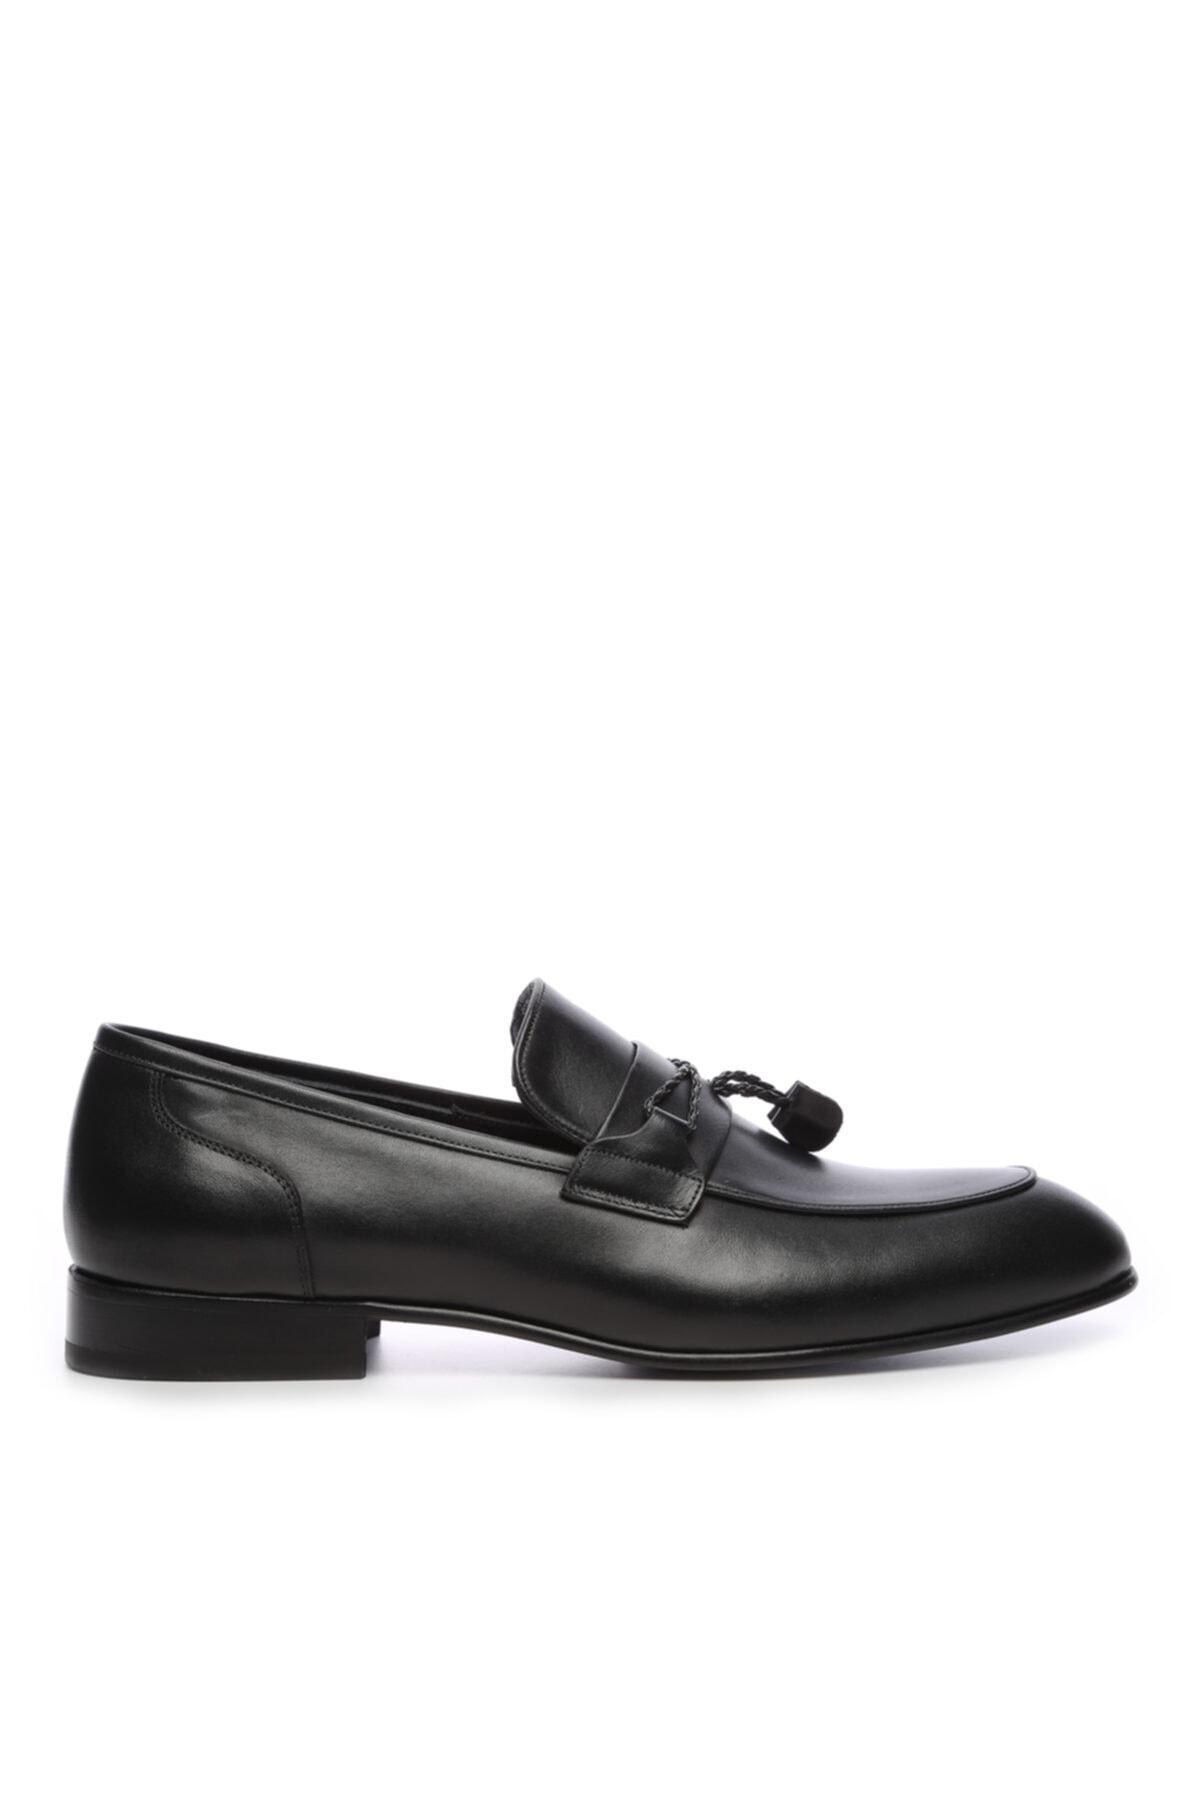 Erkek Derı Klasik Ayakkabı 183 11003 K Erk Ayk Sk20